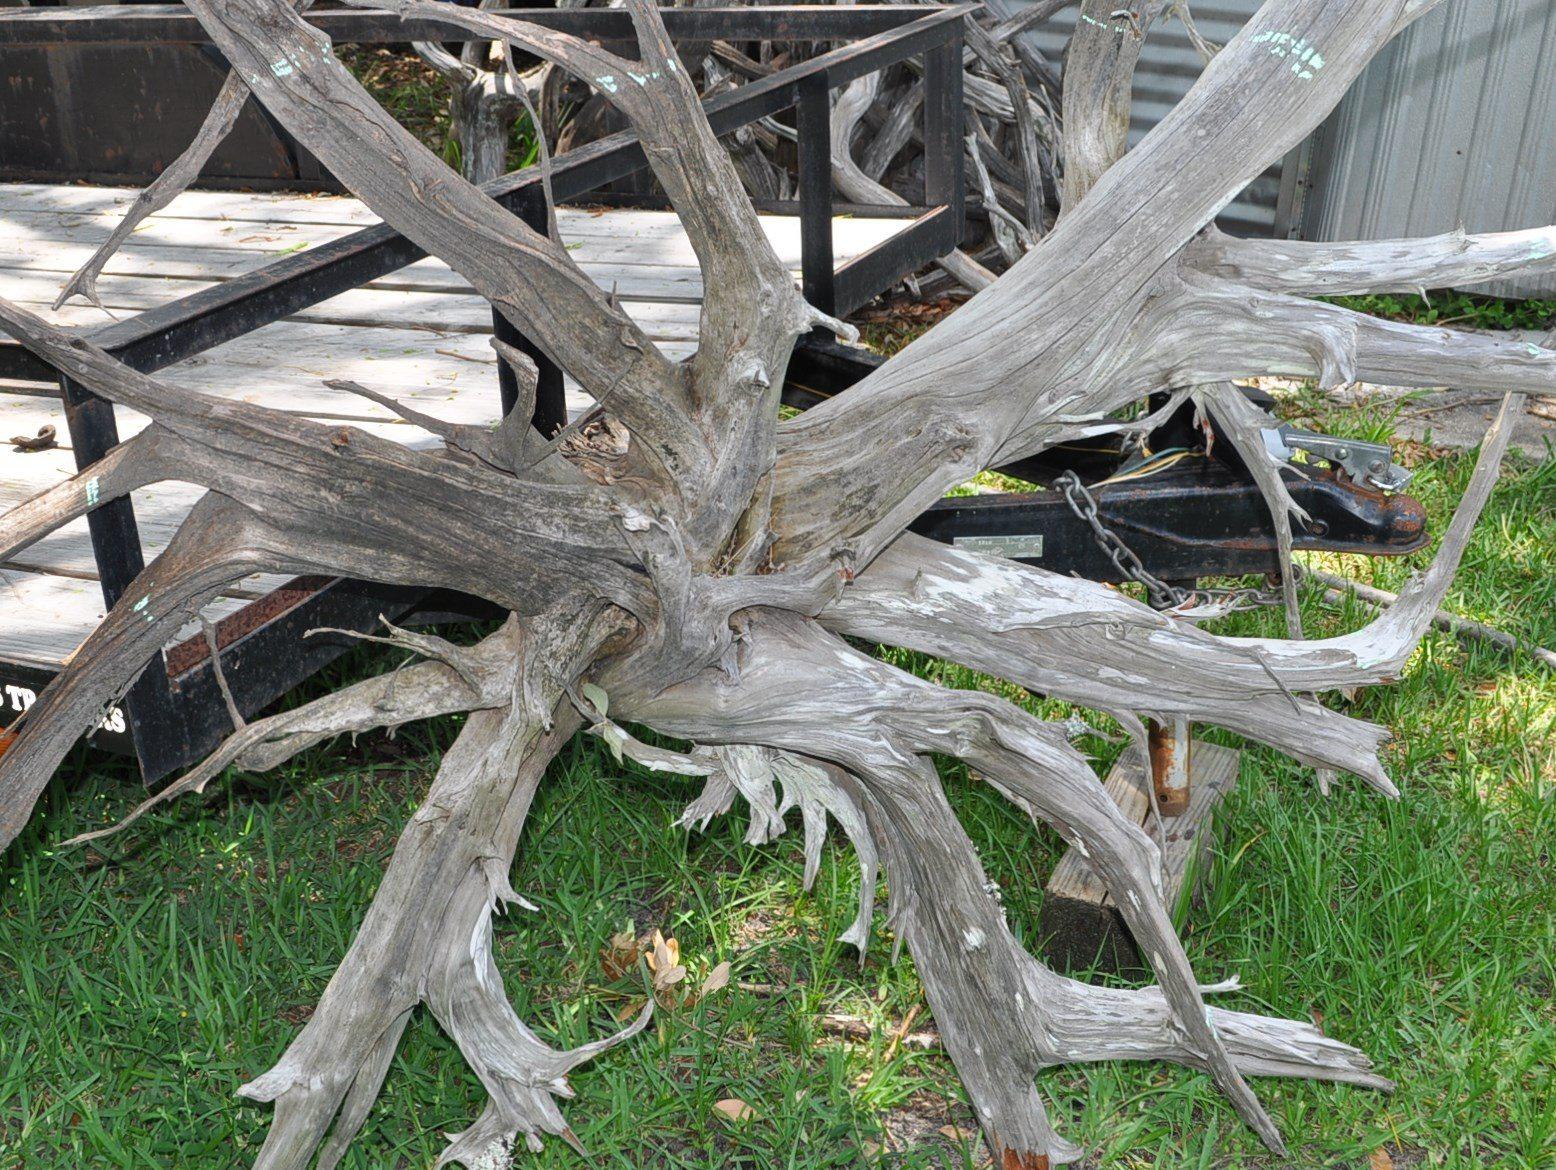 A driftwood chandelier